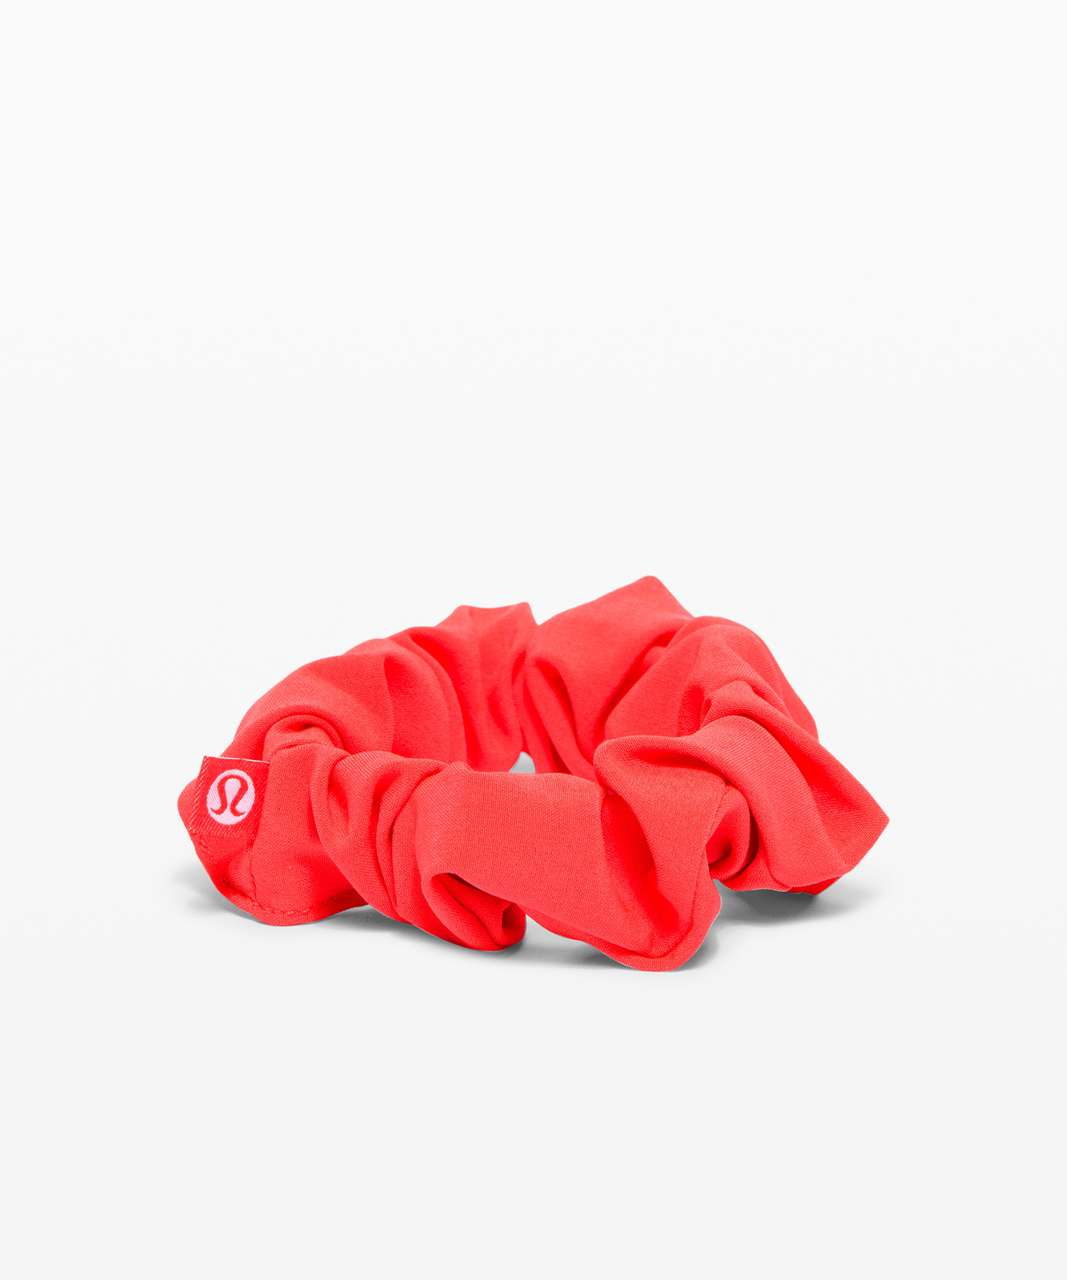 Lululemon Uplifting Scrunchie *SeaWheeze - Flare